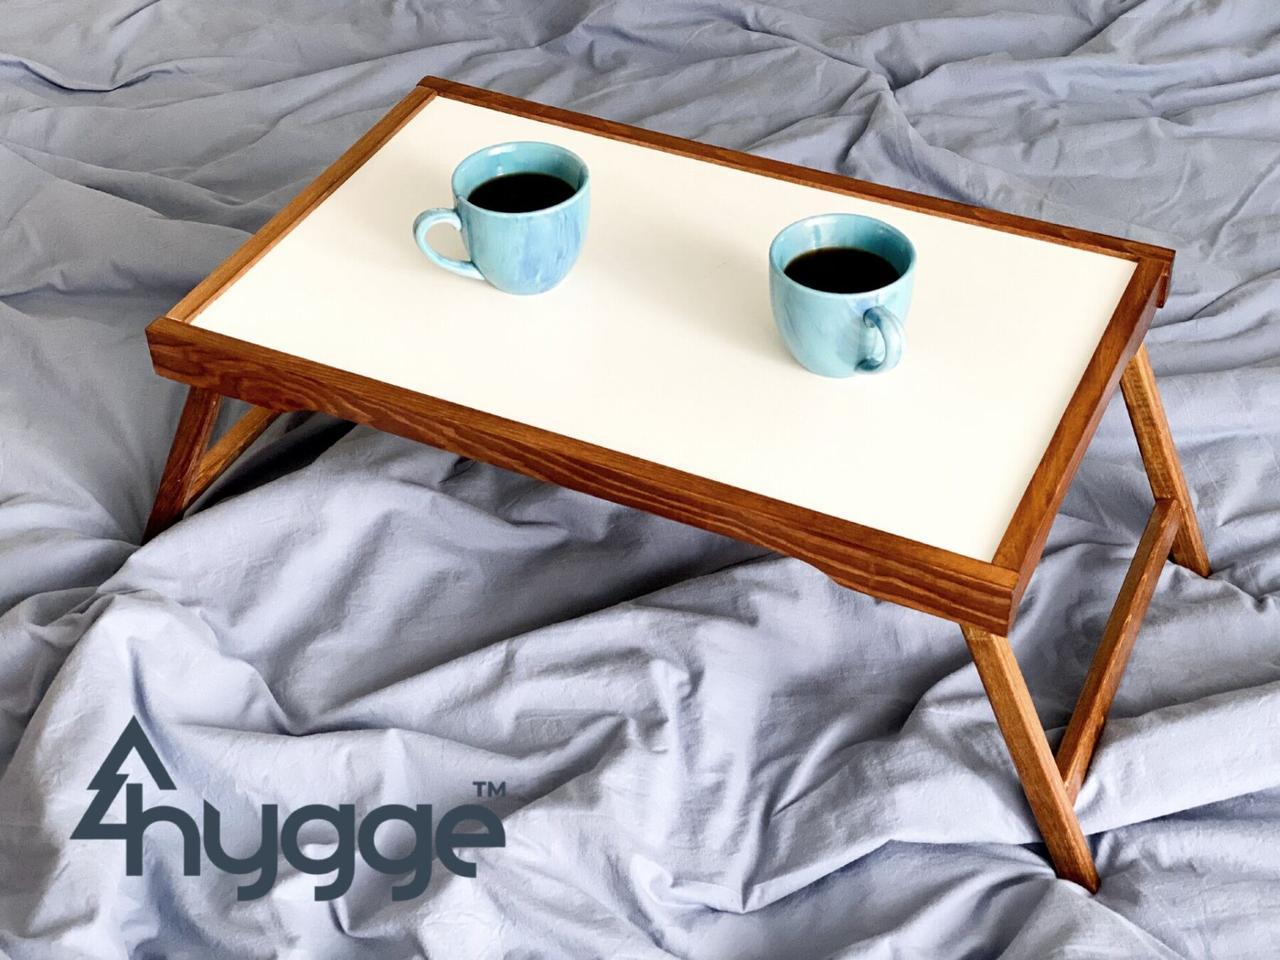 Деревянный столик для завтрака на кровать Hygge™ Vanlig, золотой дуб 7trav